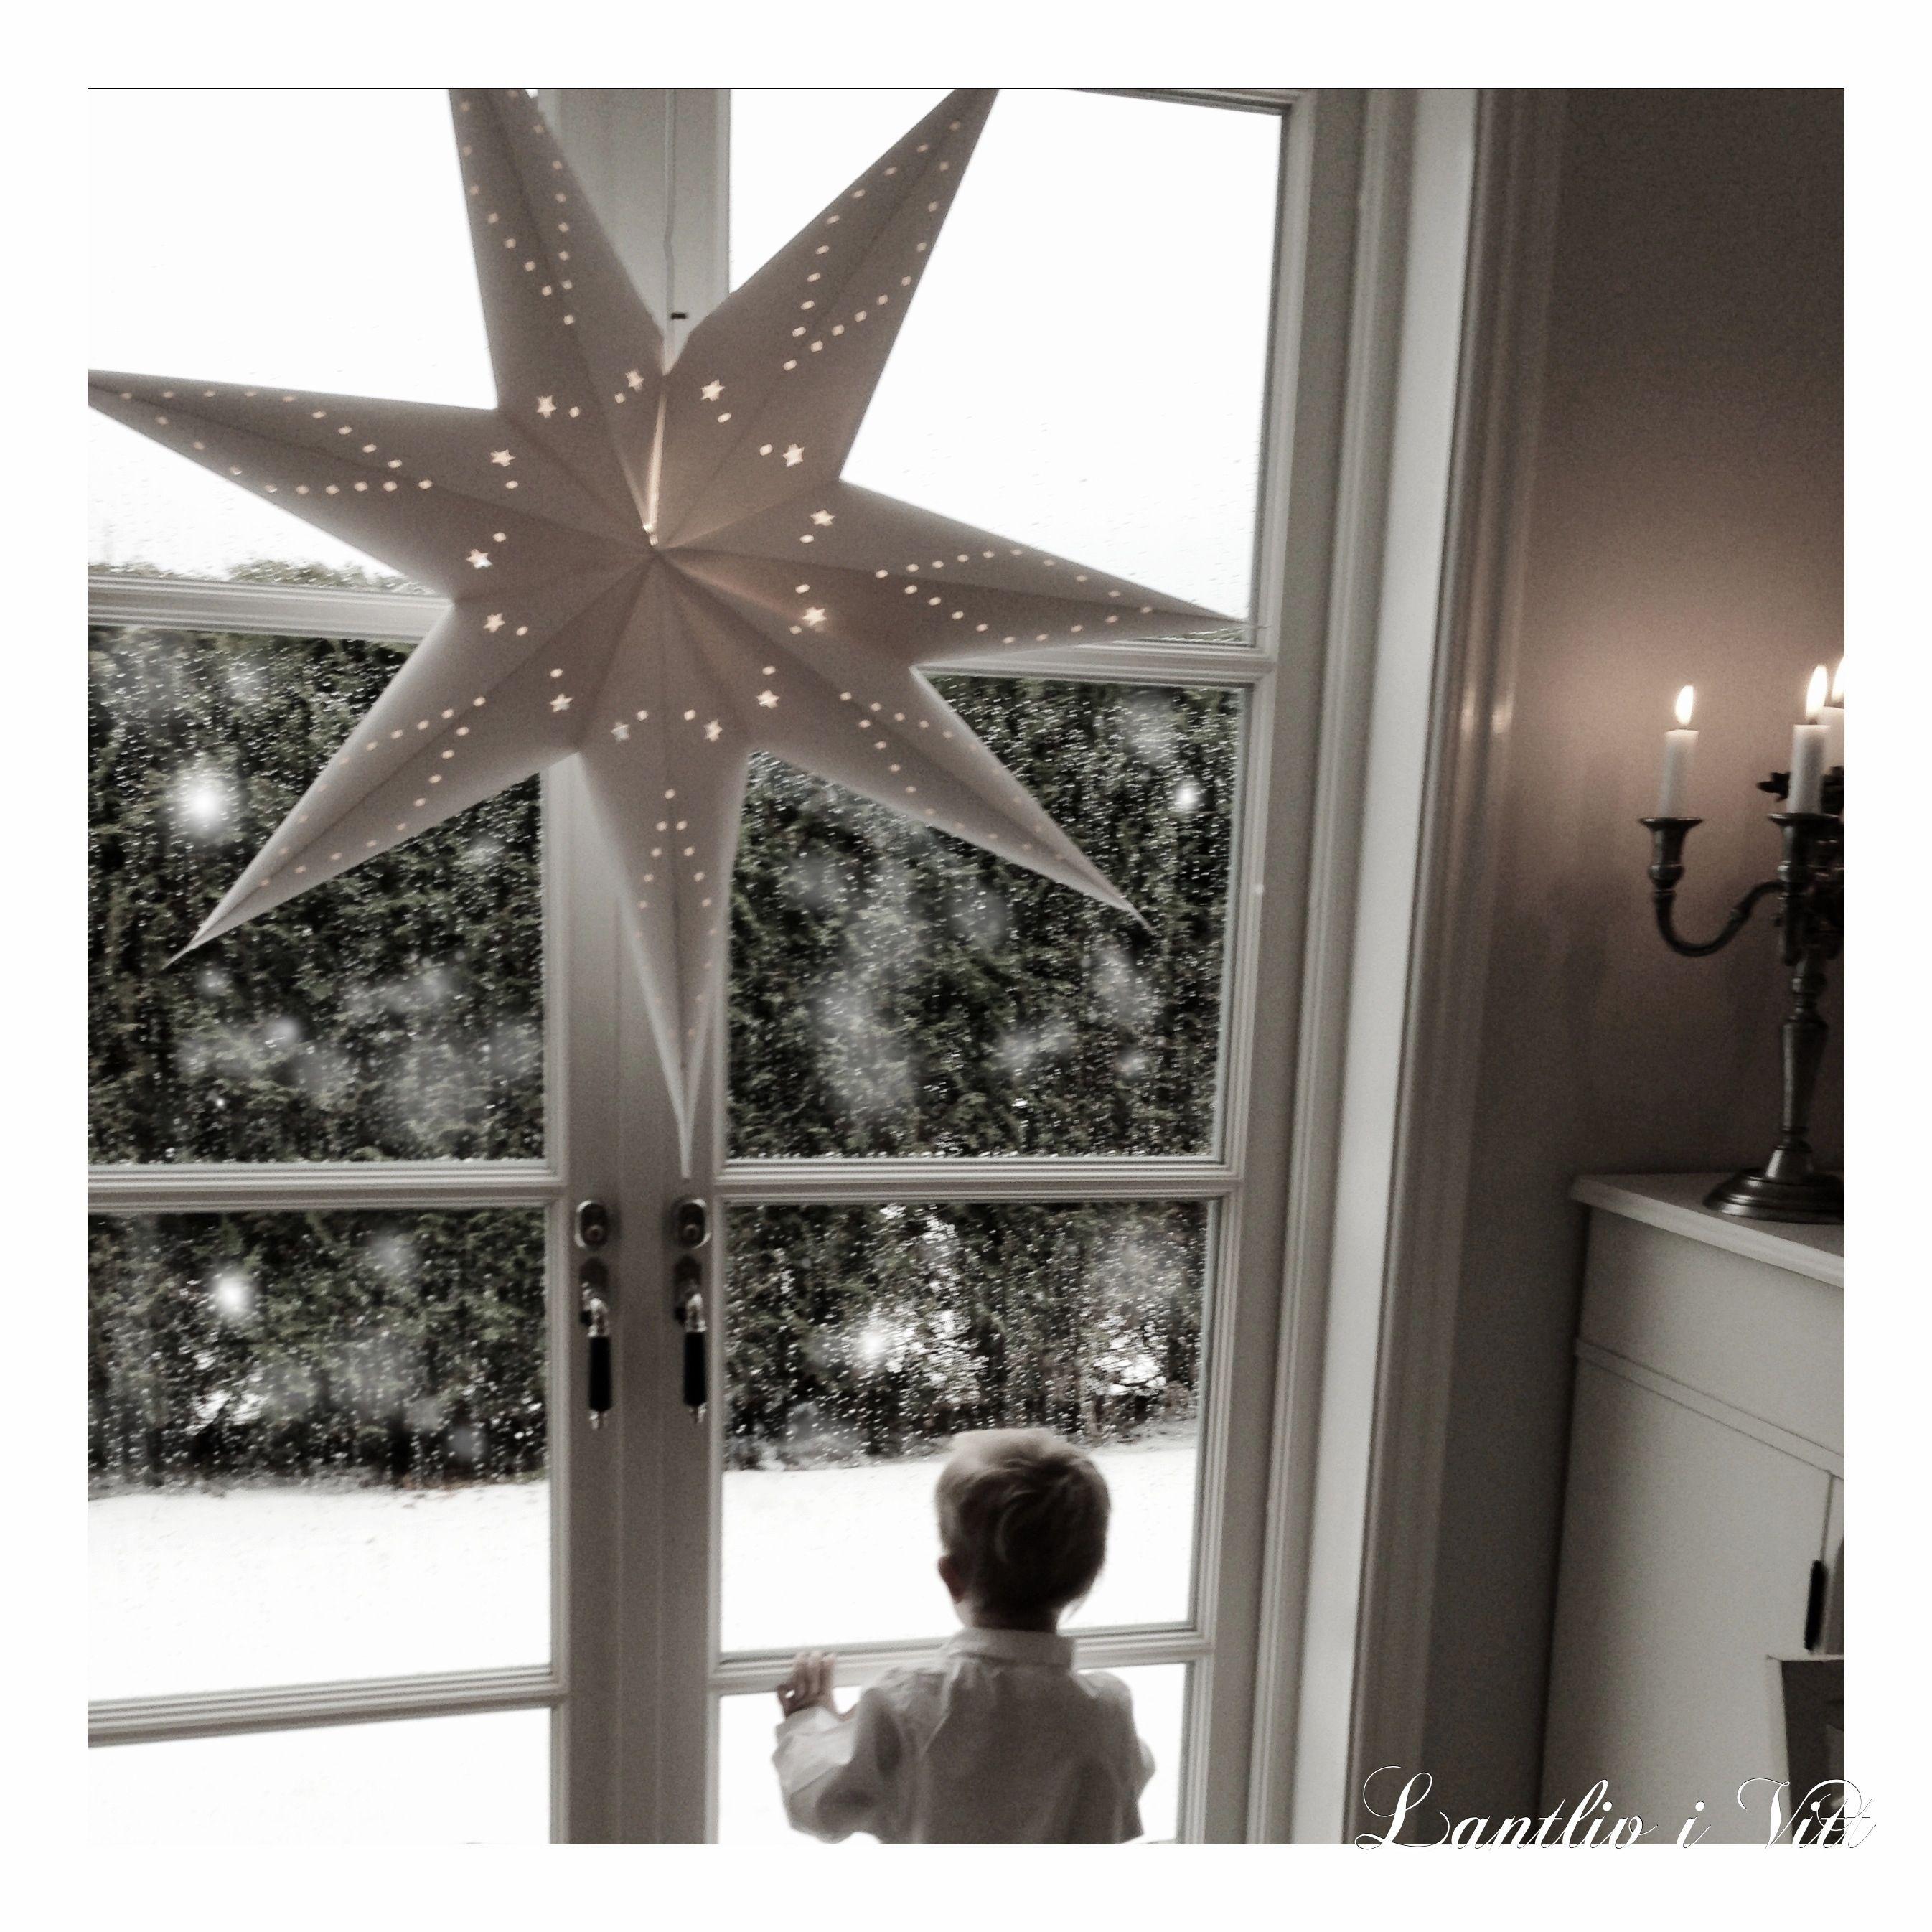 Swedish Christmas Lucia God Jul Lantliv I Vitt